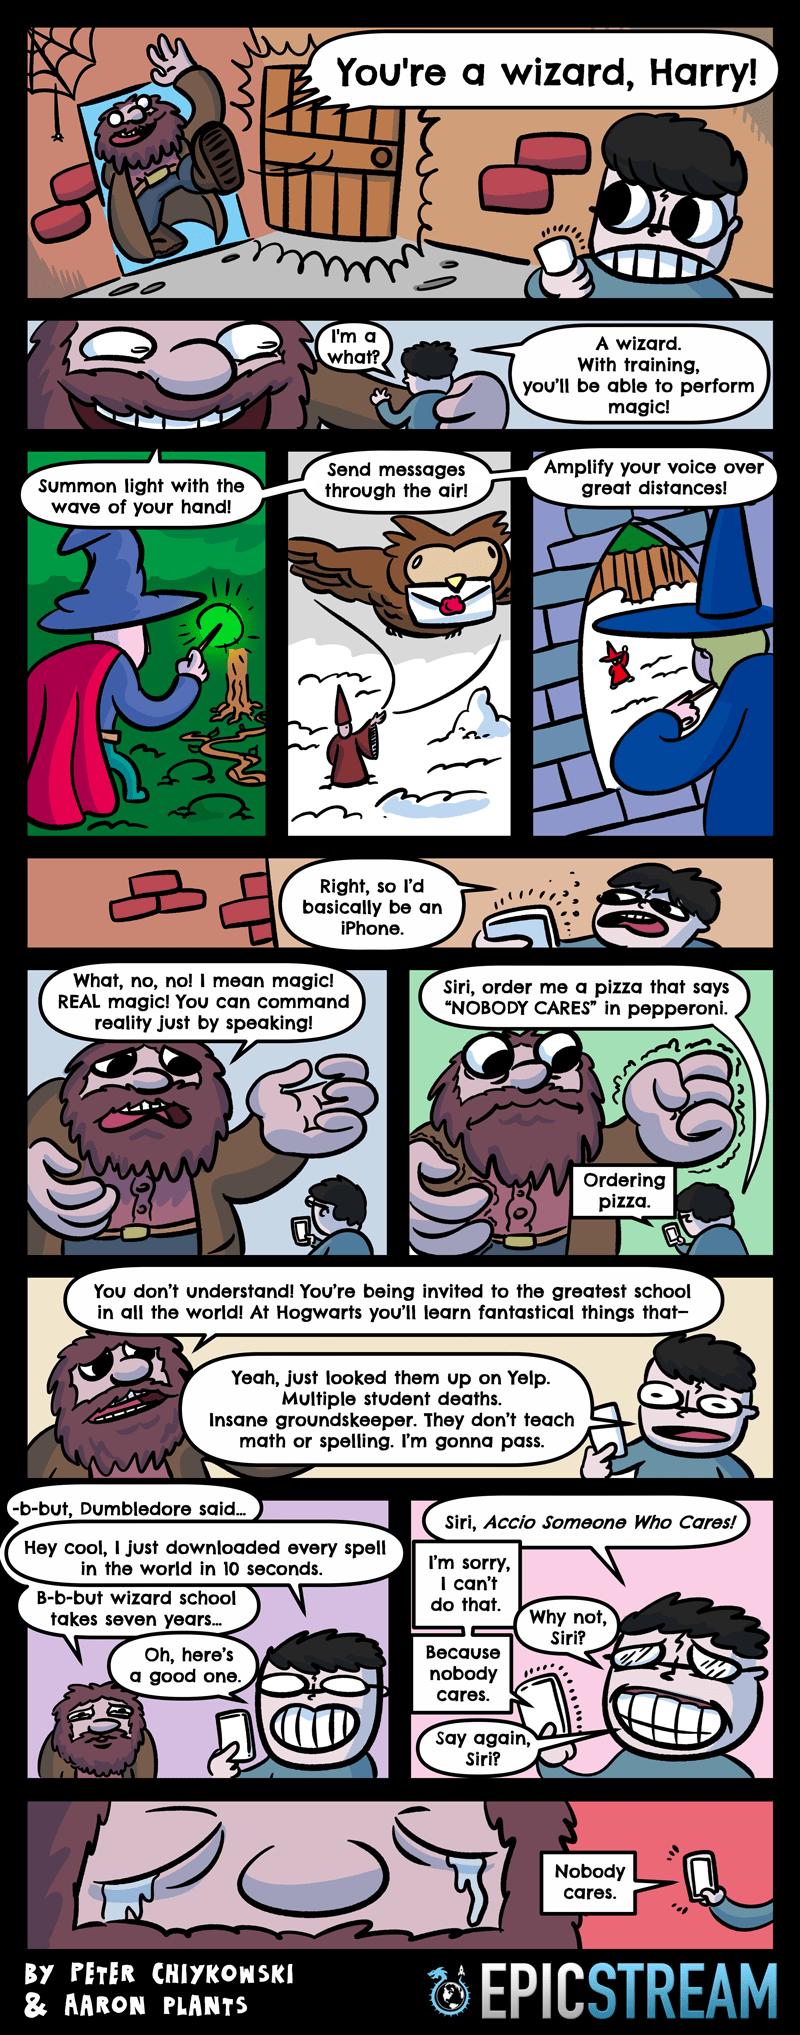 harry potter web comics Poor Hagrid